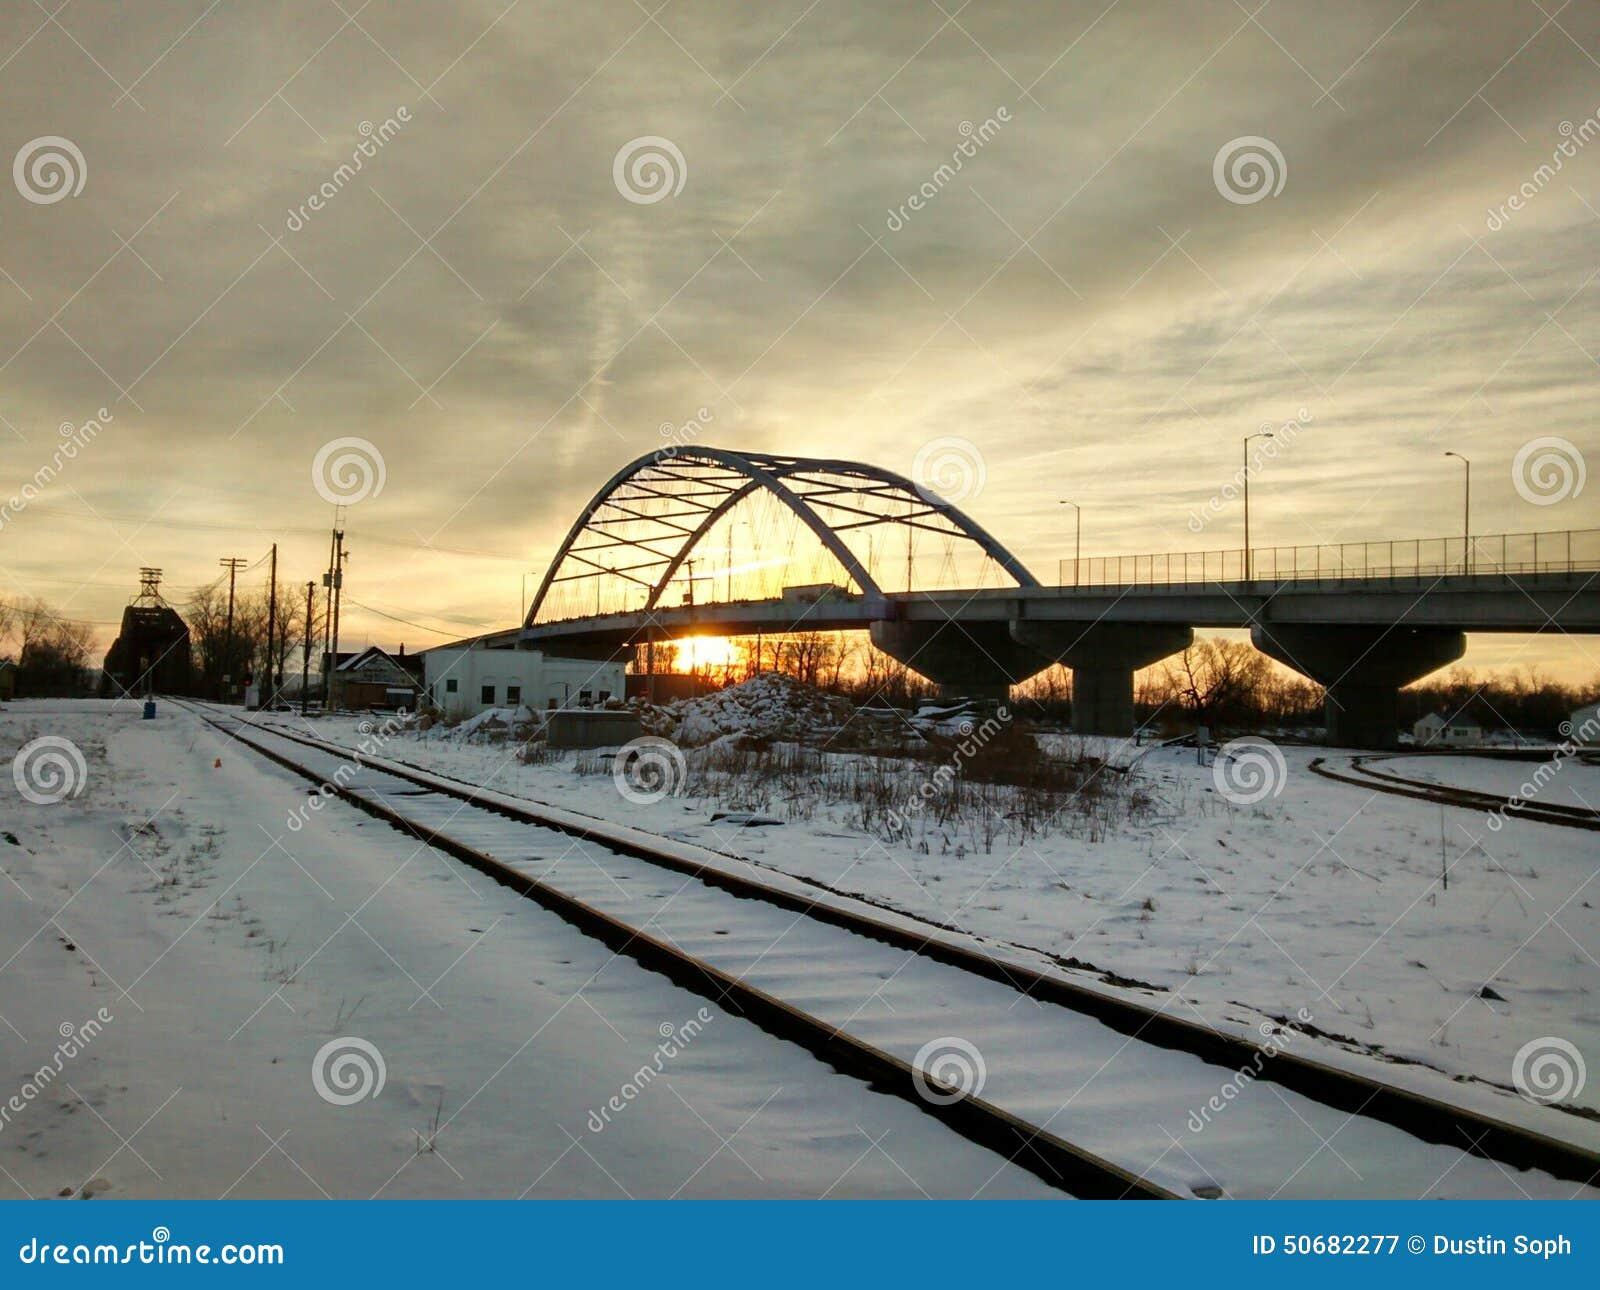 Download 日出在阿梅莉亚・埃尔哈特桥梁下 库存图片. 图片 包括有 纪念, 的amargo, 堪萨斯, 日出, 贿赂 - 50682277